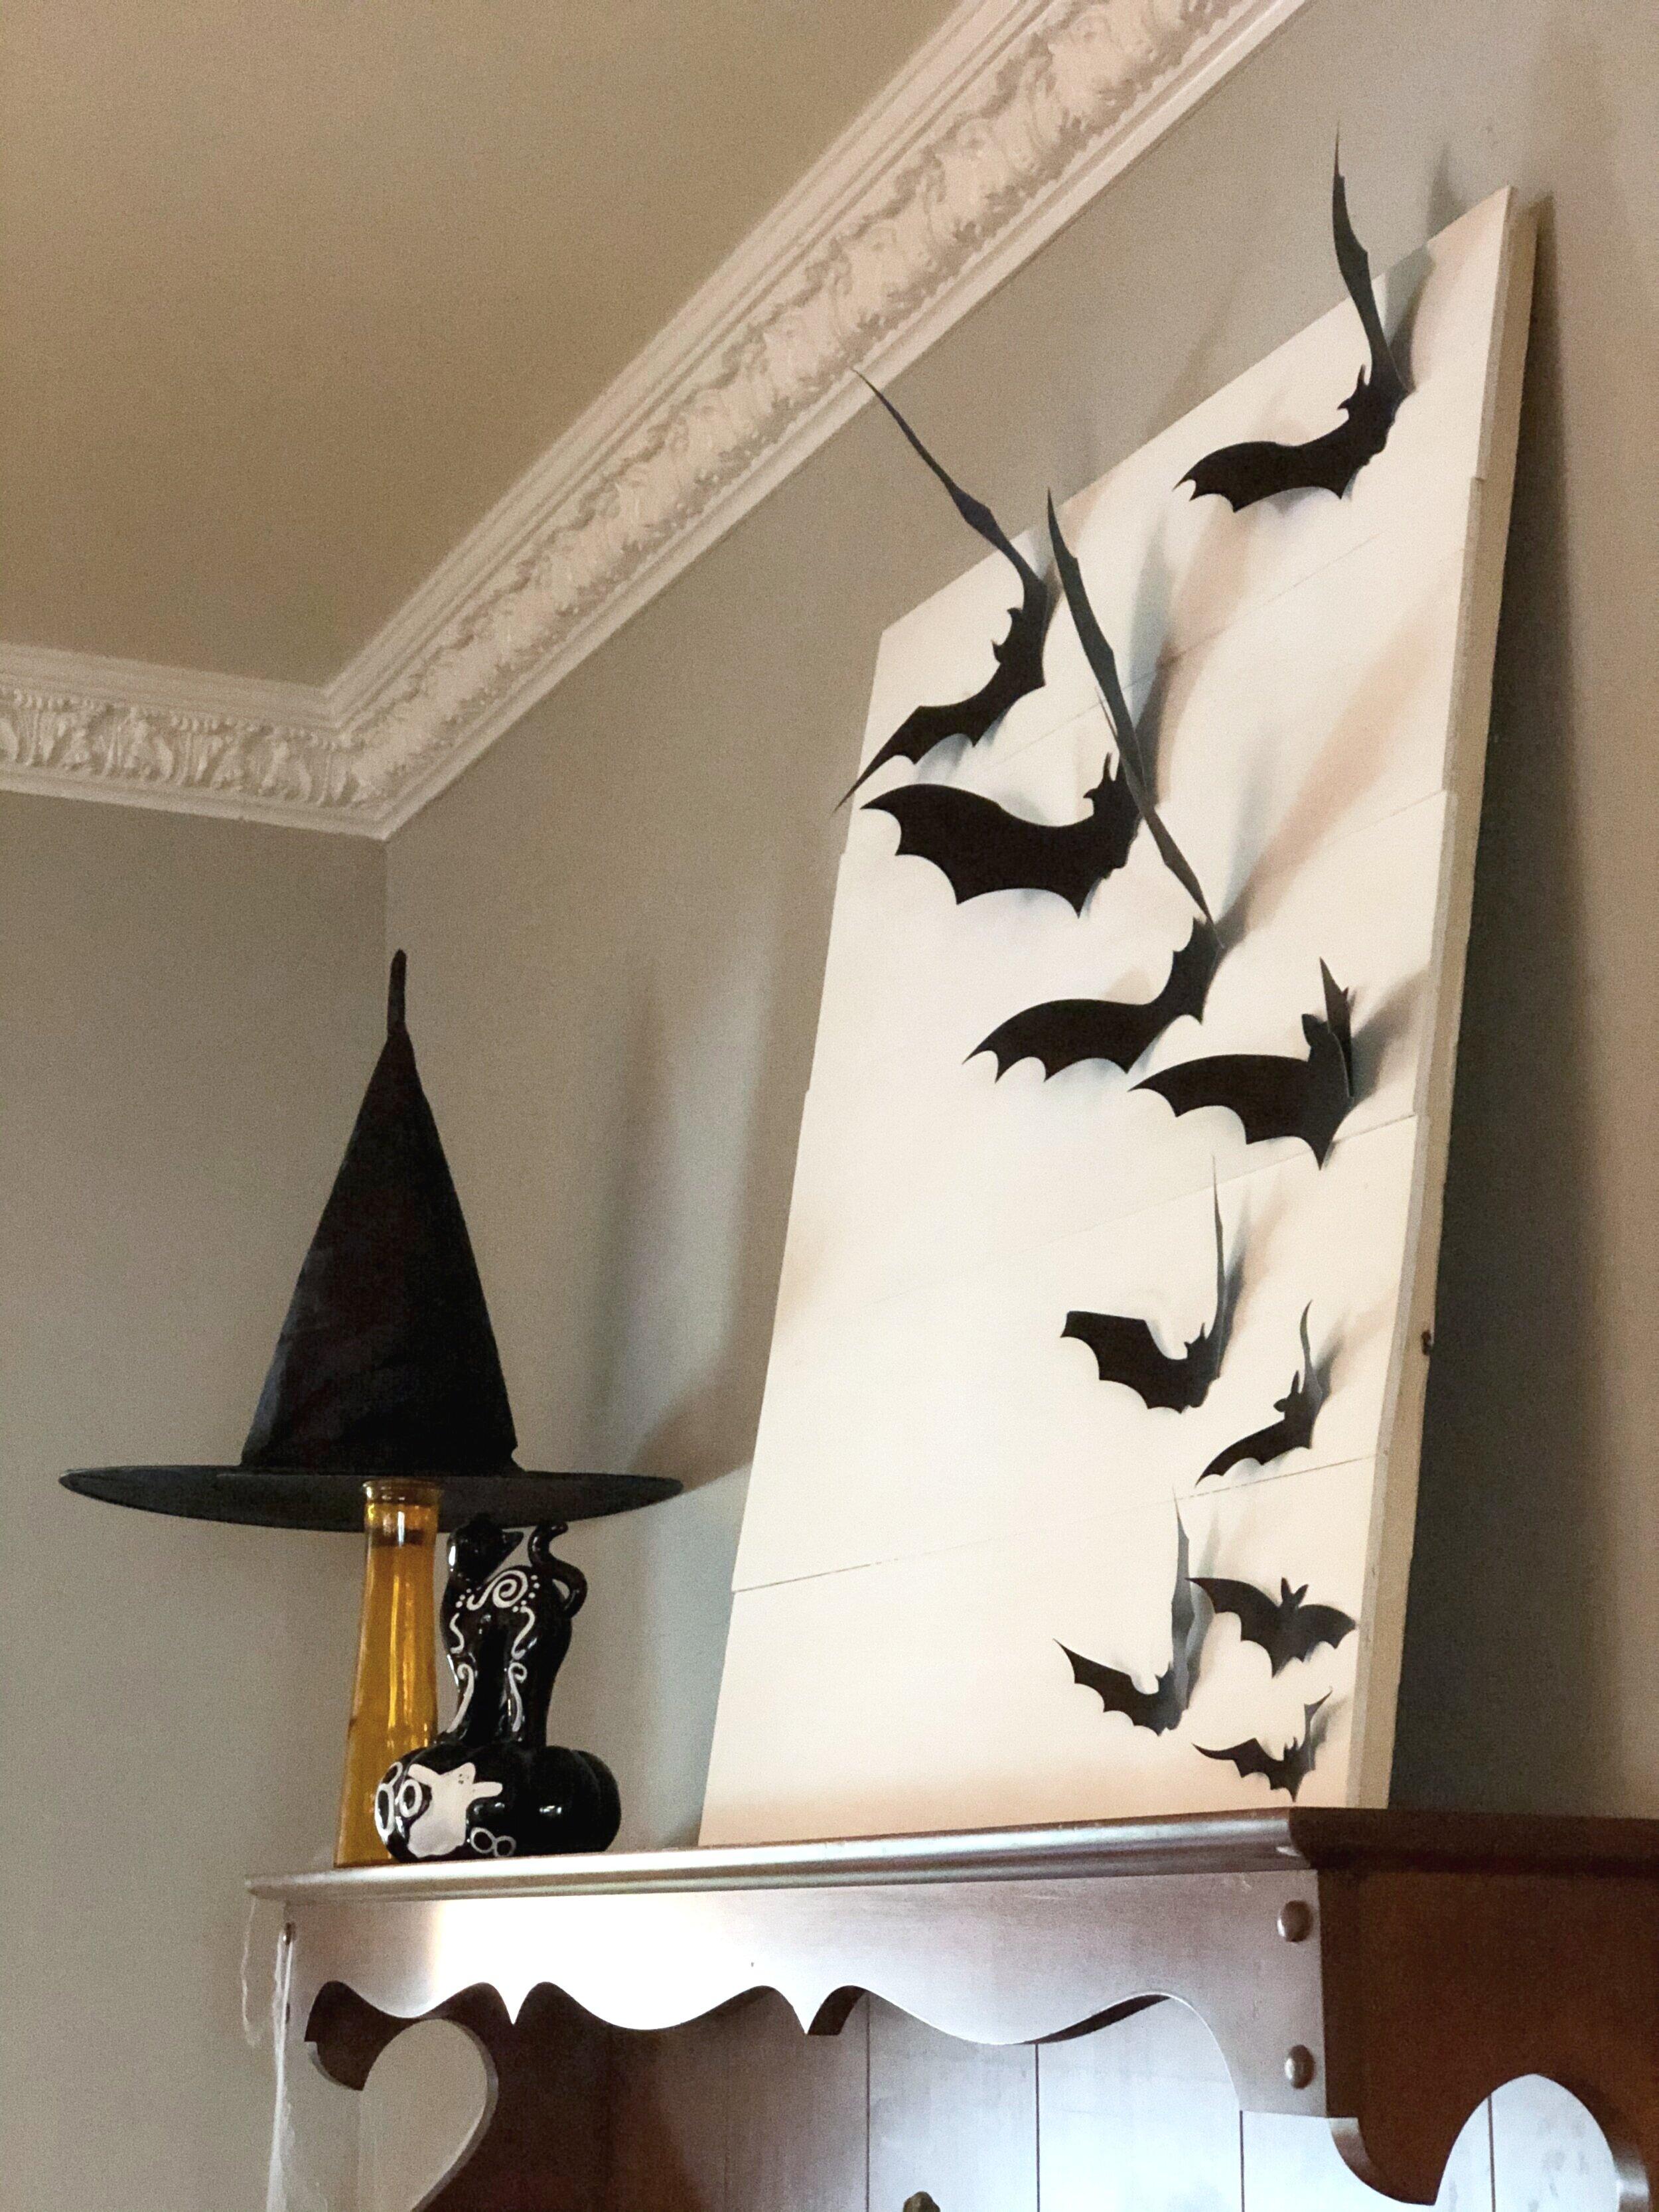 Flying bat sign, easy DIY sign for Halloween